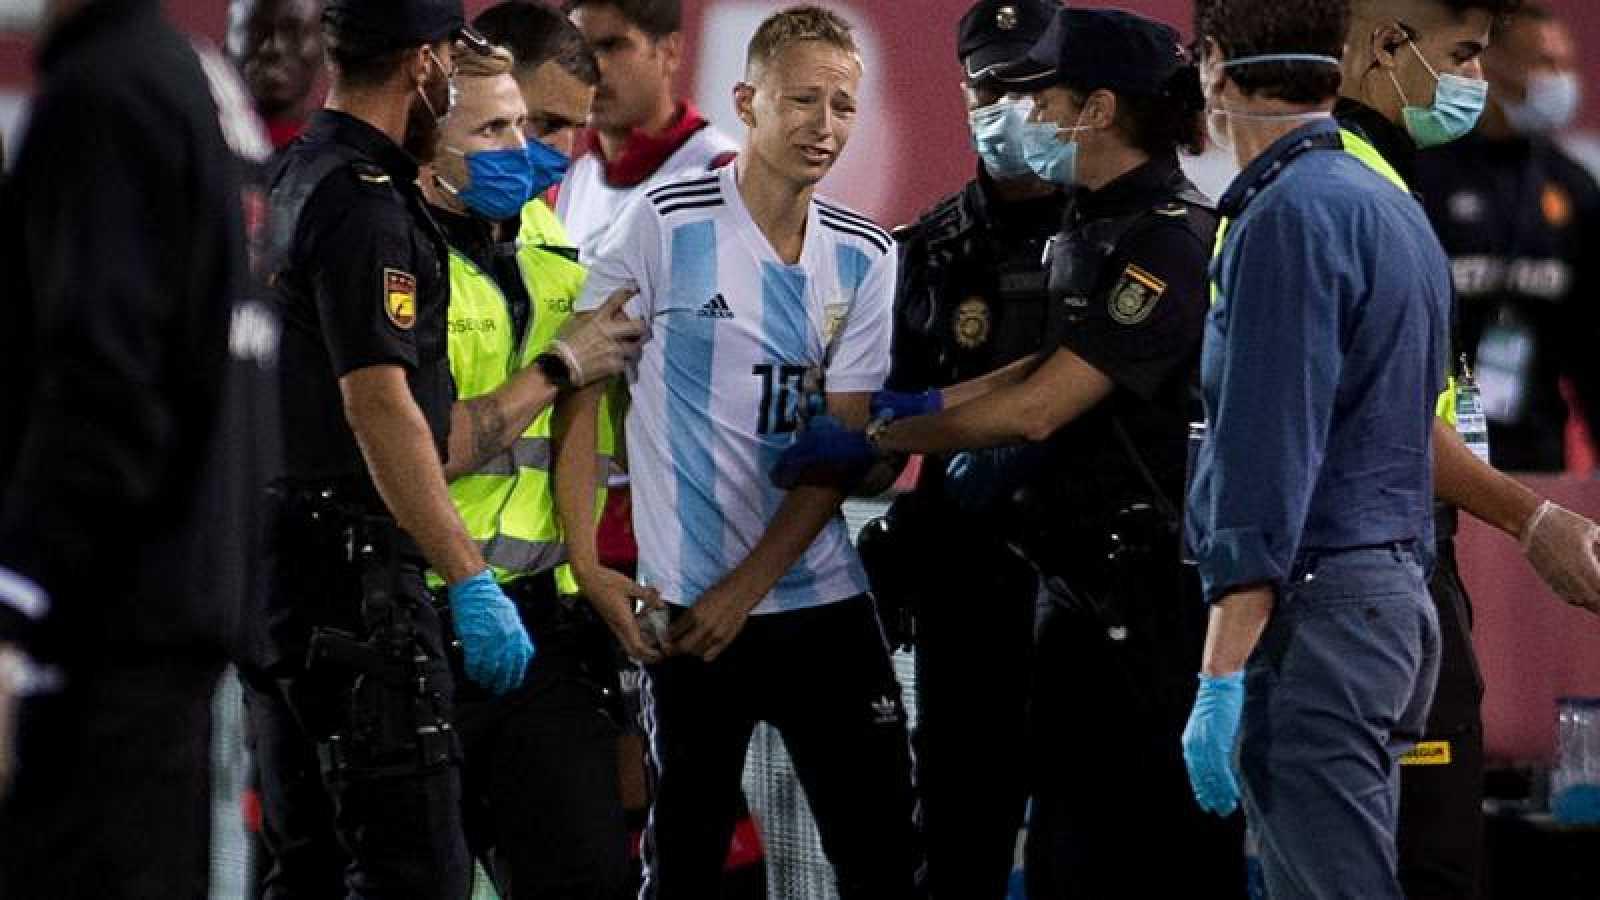 Momento de la detención del joven espontáneo del Mallorca - Barça.